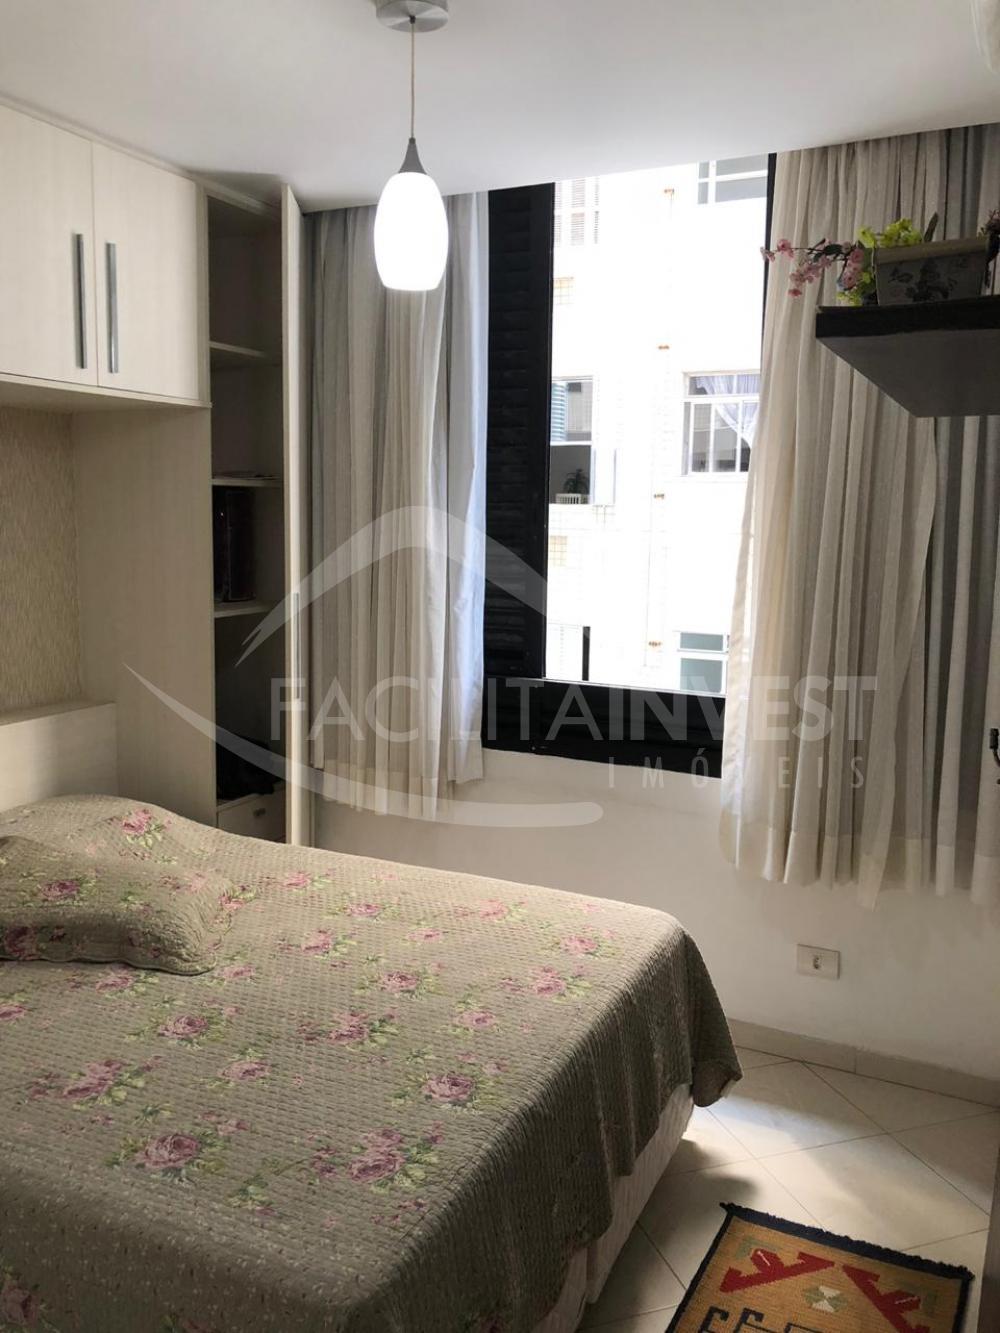 Comprar Apartamentos / Apart. Padrão em Santos apenas R$ 550.000,00 - Foto 13